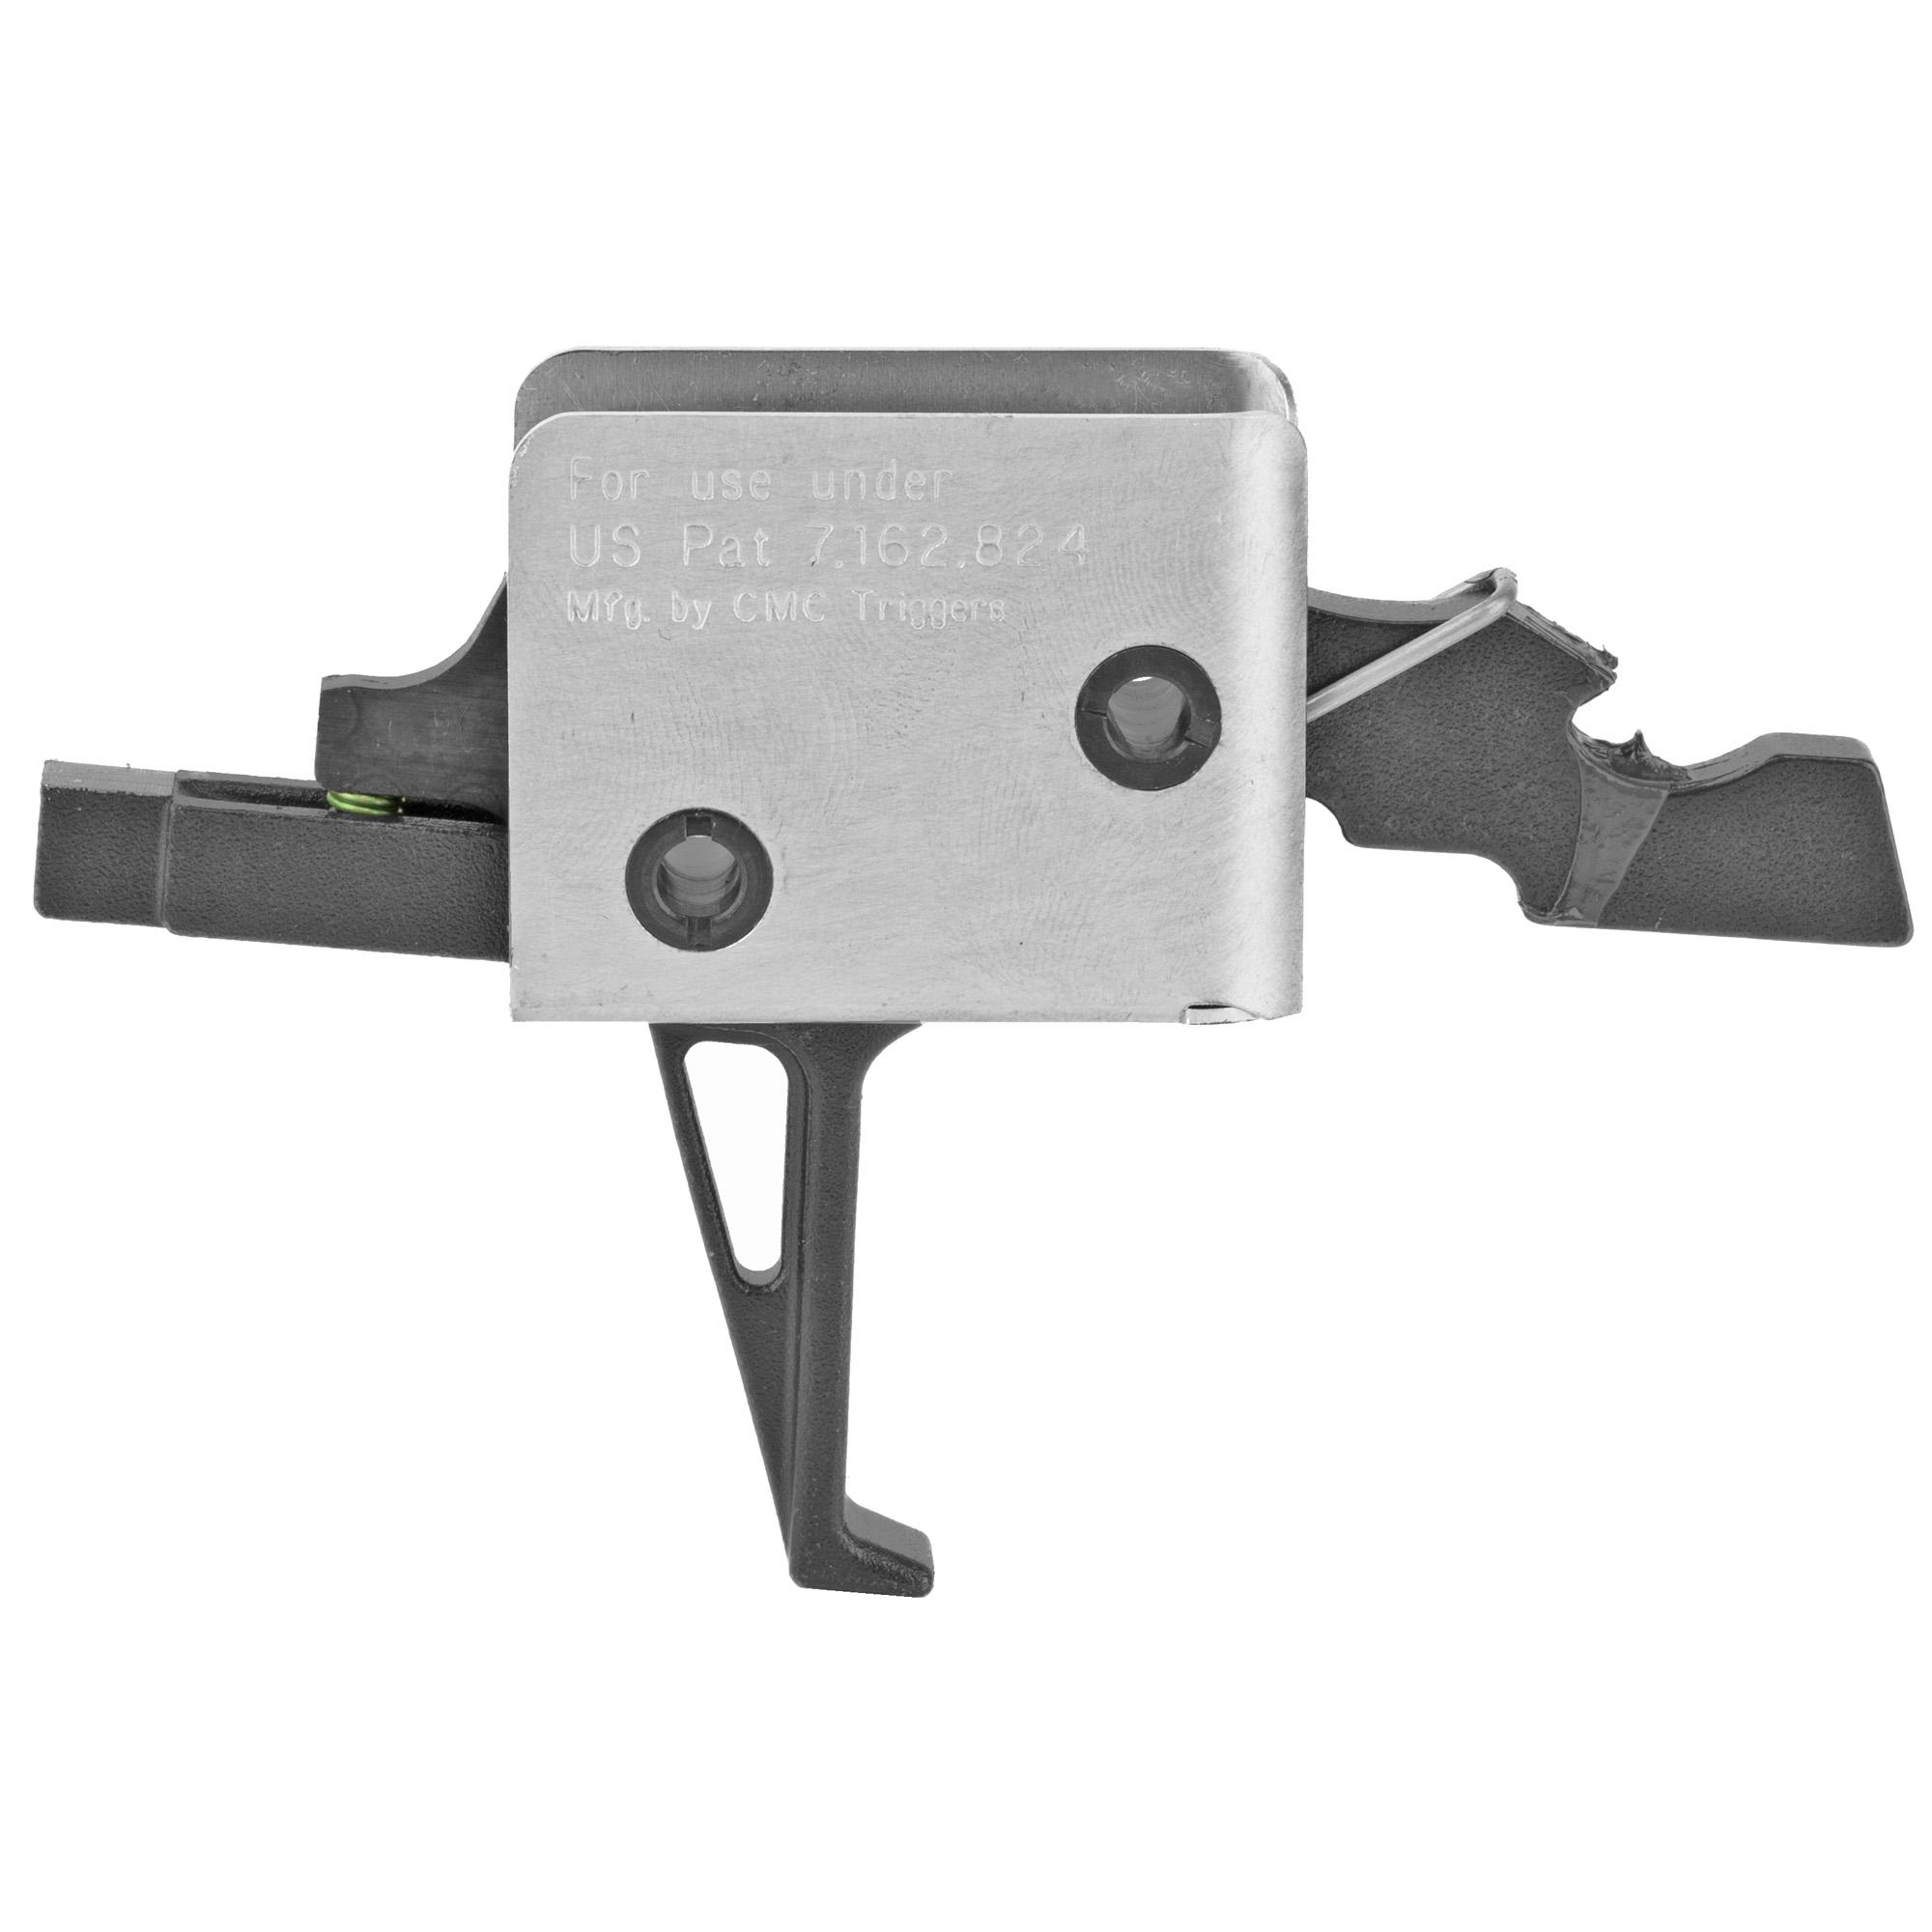 CMC 3.5 lb flat drop in AR trigger